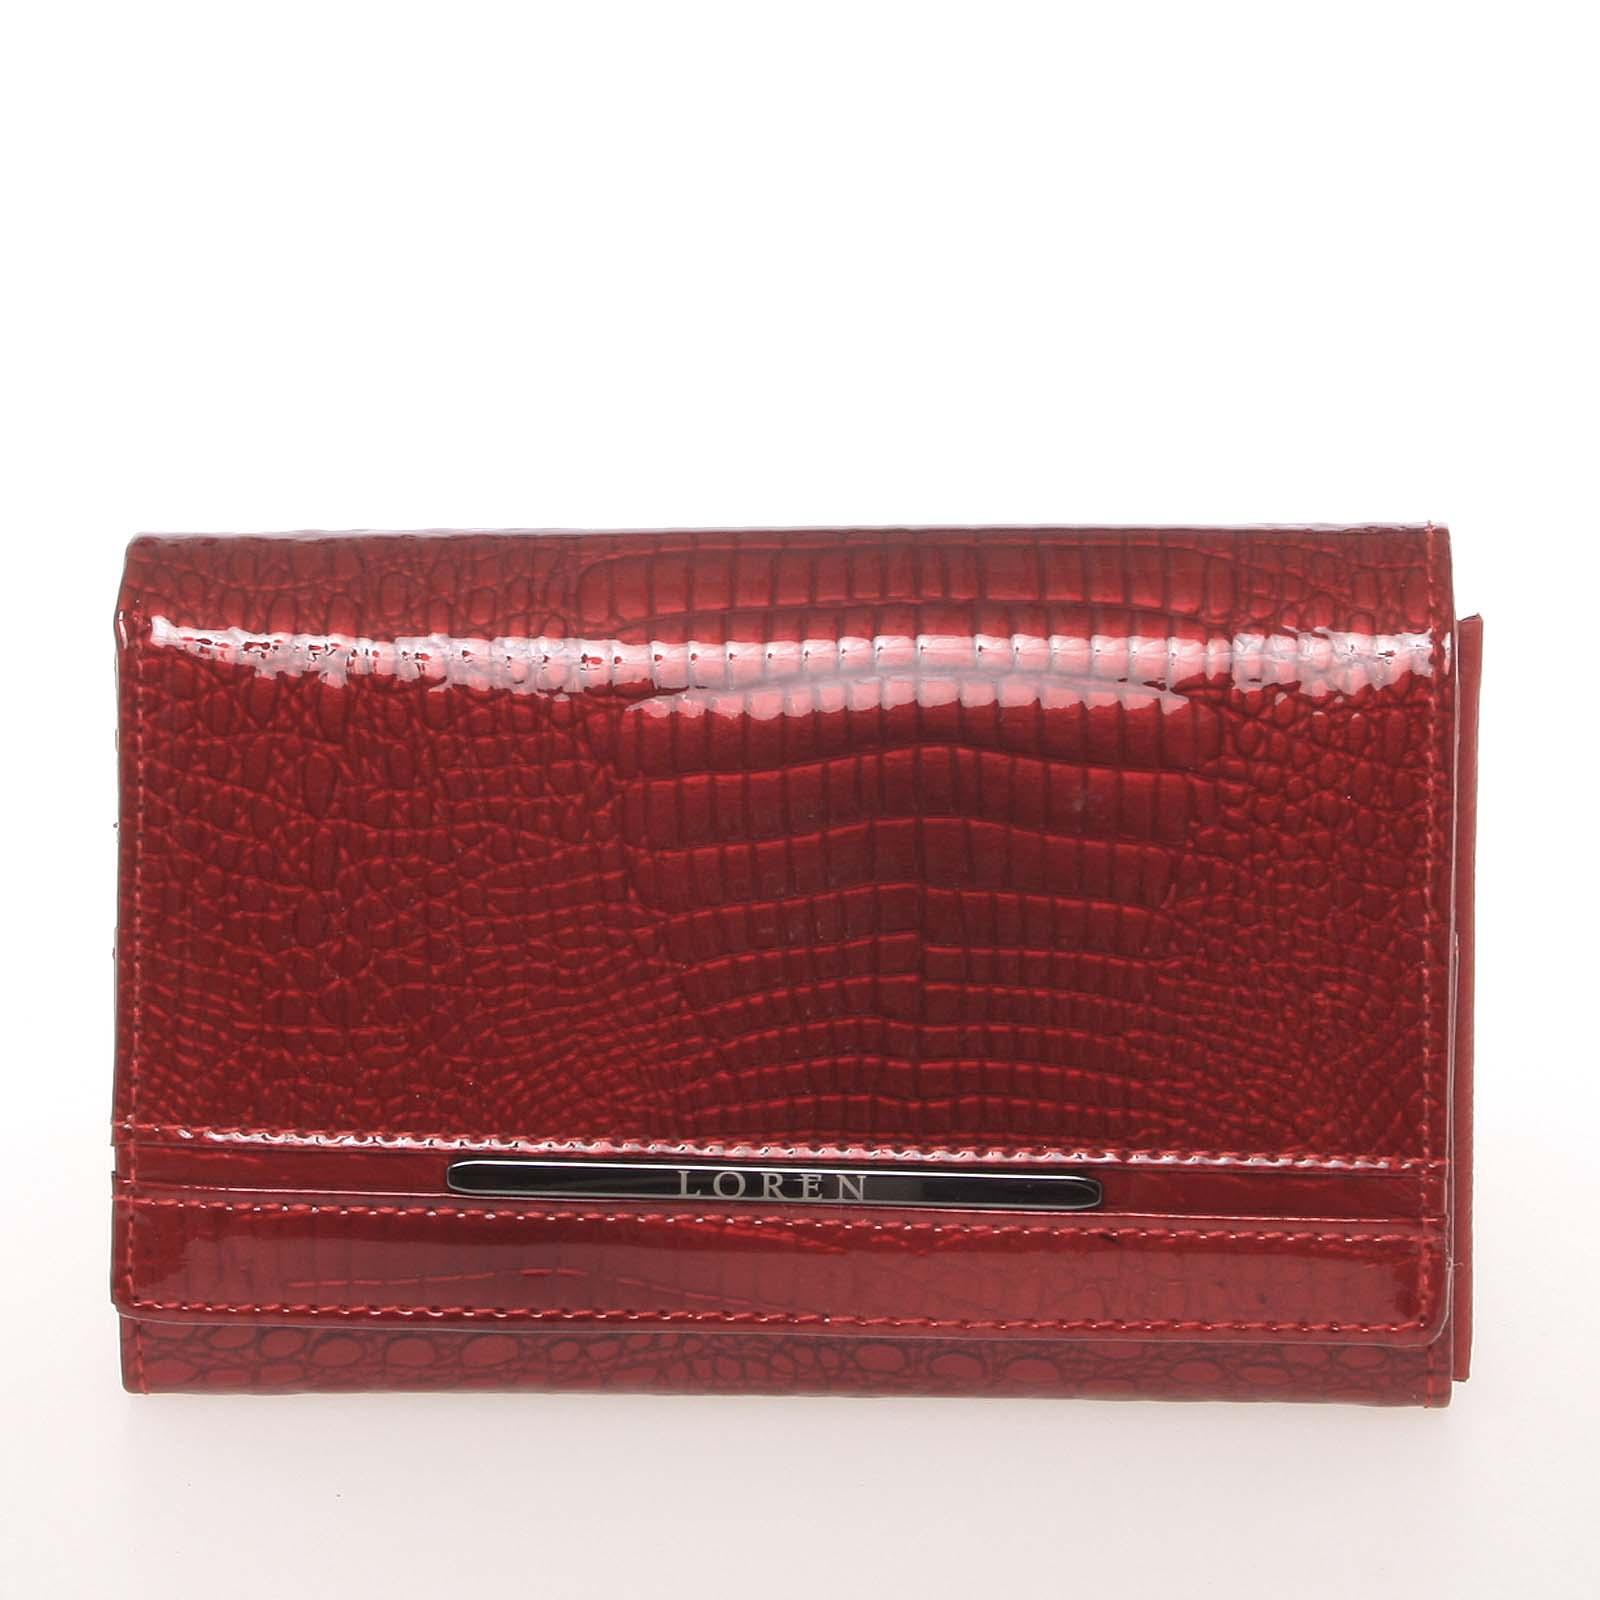 Dámská červená moderní kožená lakovaná peněženka - Loren 0507